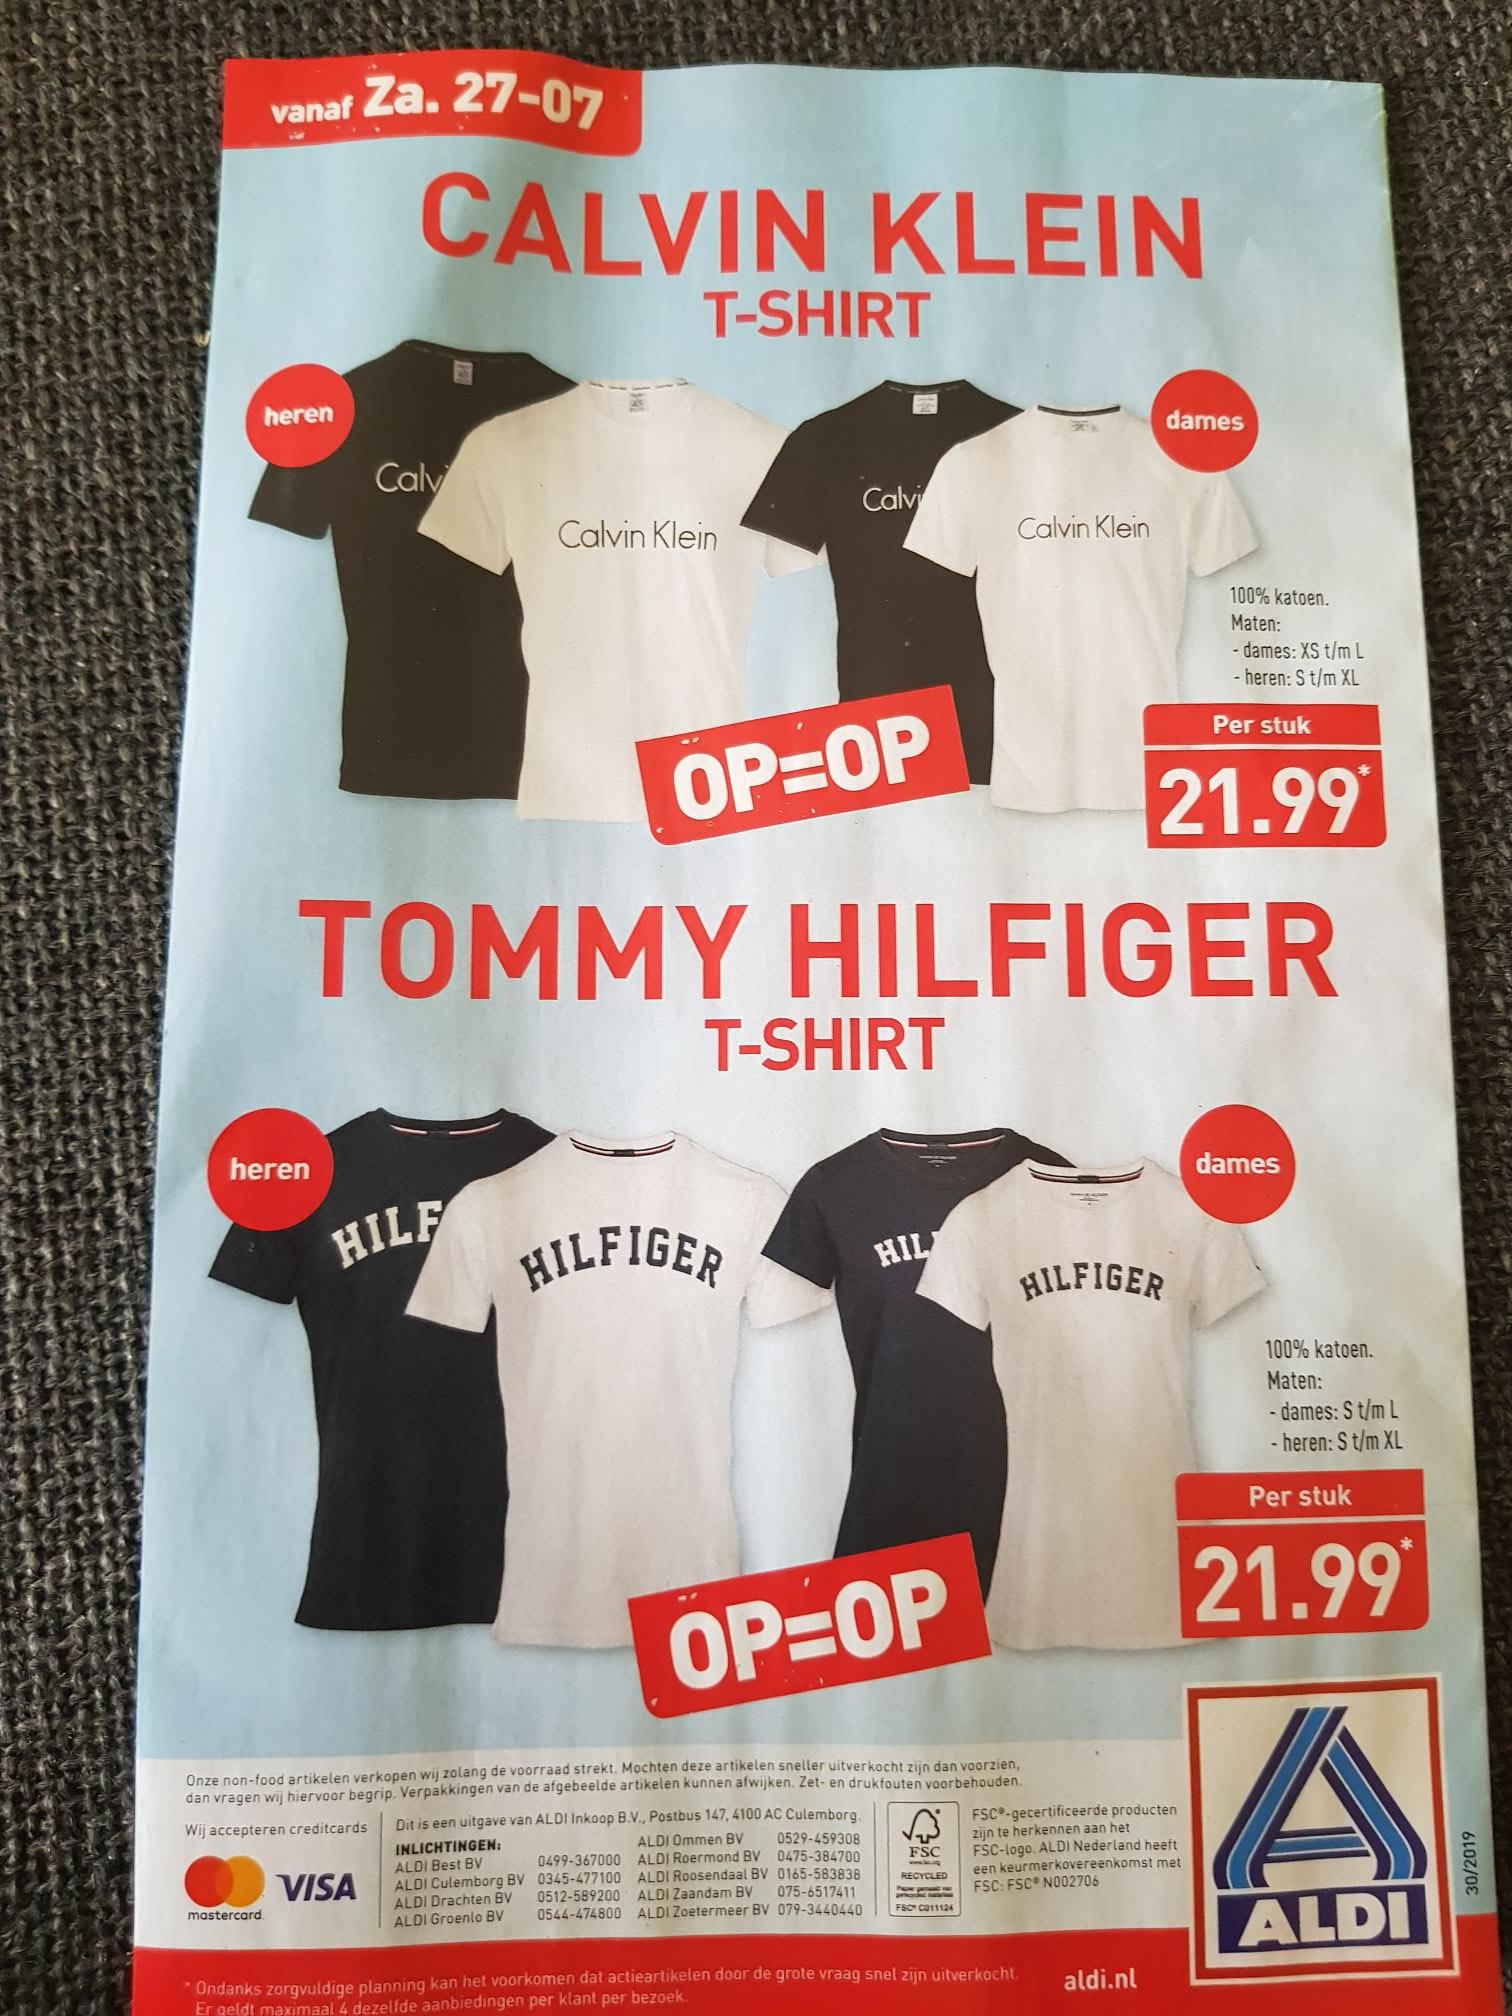 CK en Tommy Hilfiger shirts voor 21,99 bij Aldi